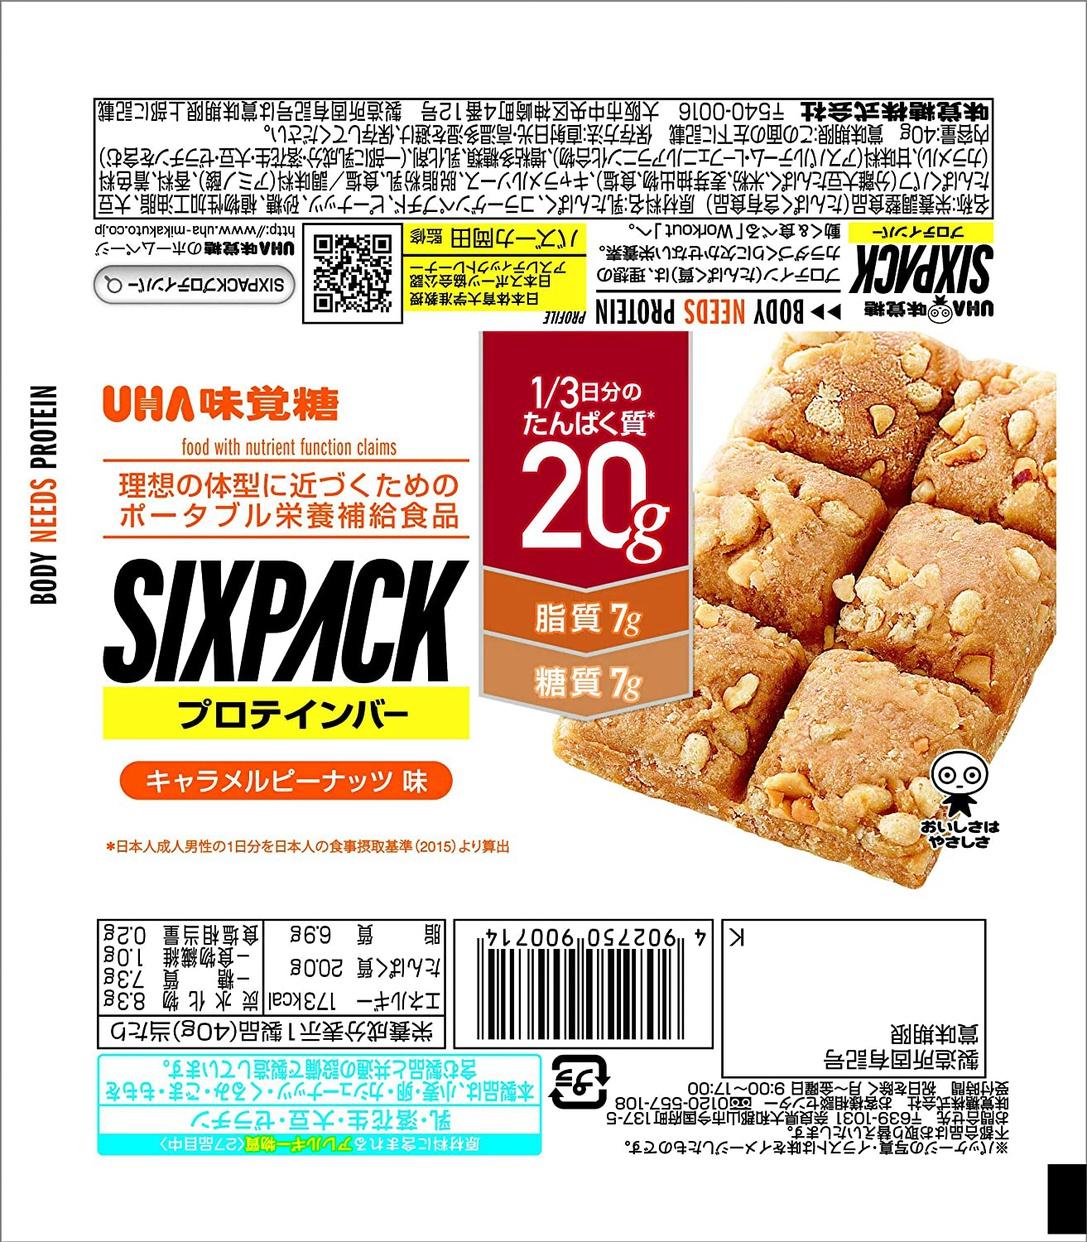 UHA味覚糖 SIXPACK プロテインバーの商品画像2